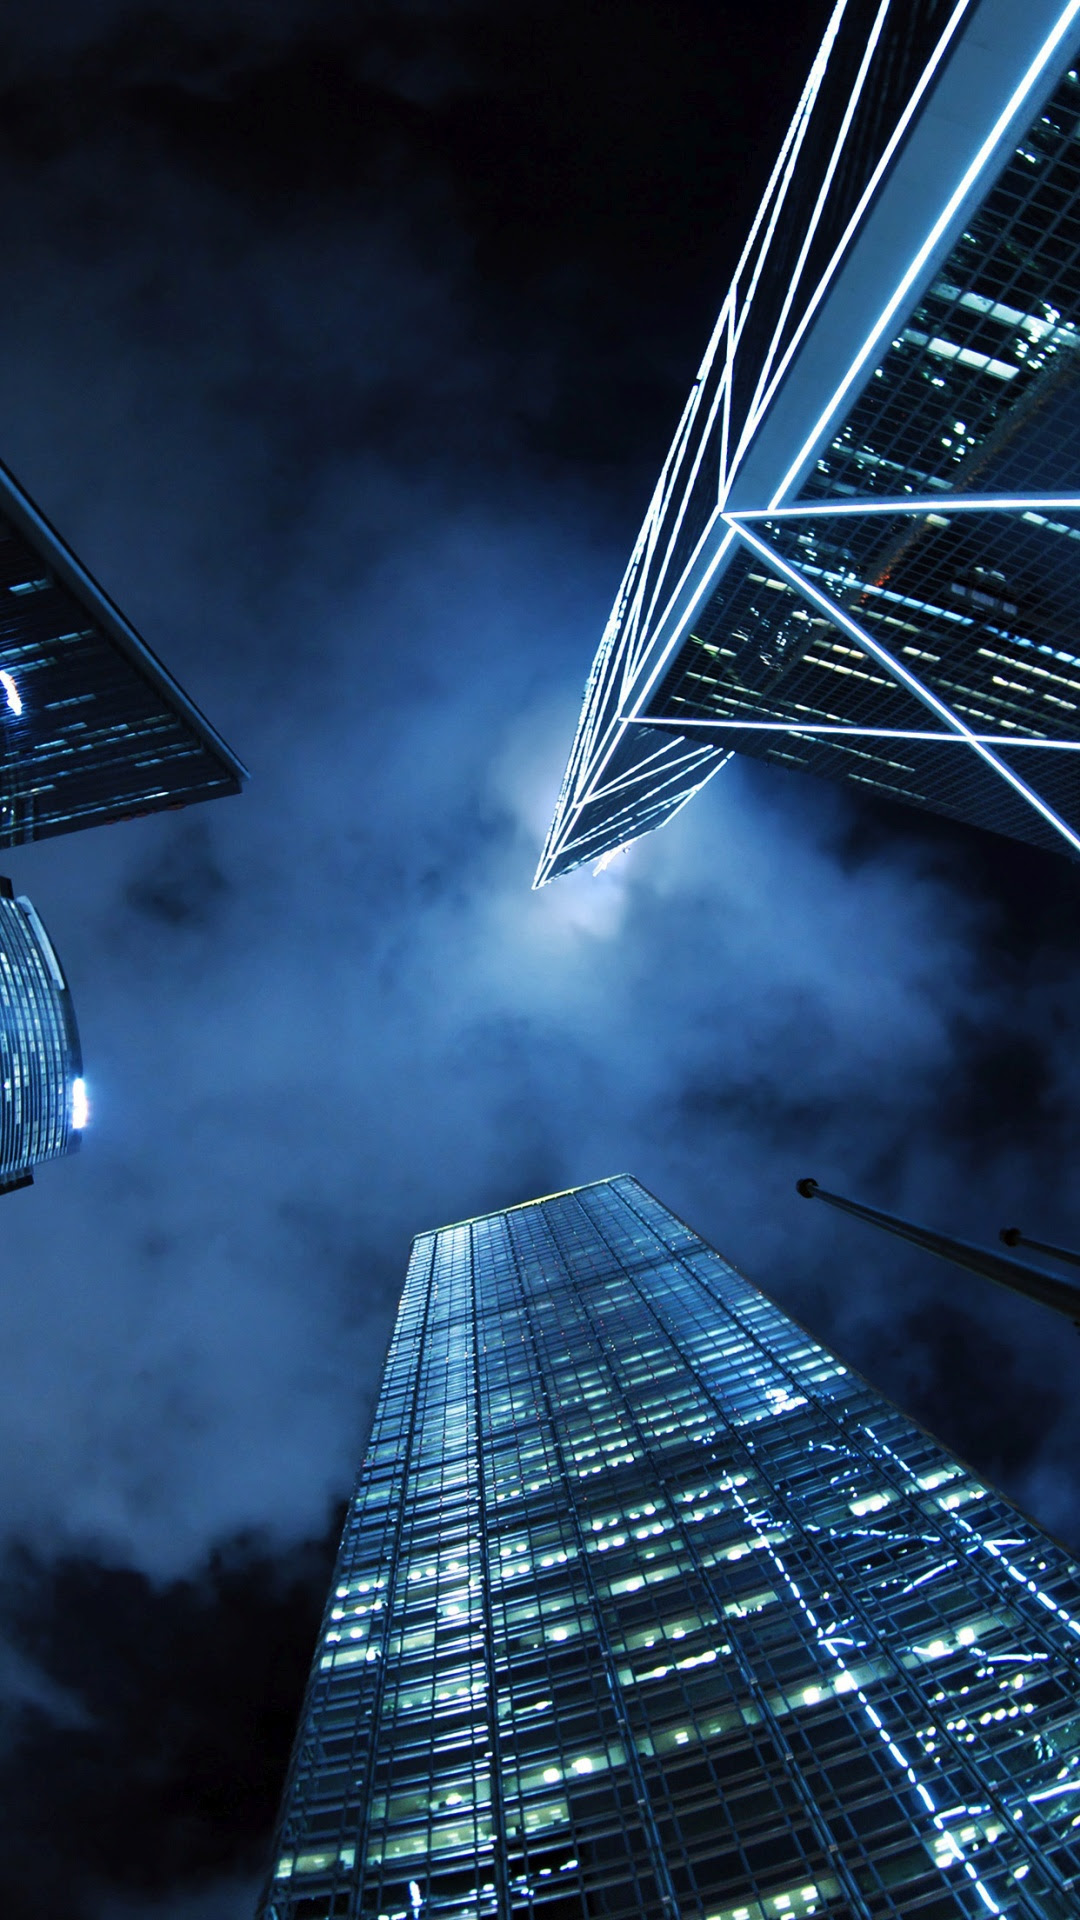 近代的な高層ビル街の夜iphone 8 7 Plus壁紙 Iphoneチーズ